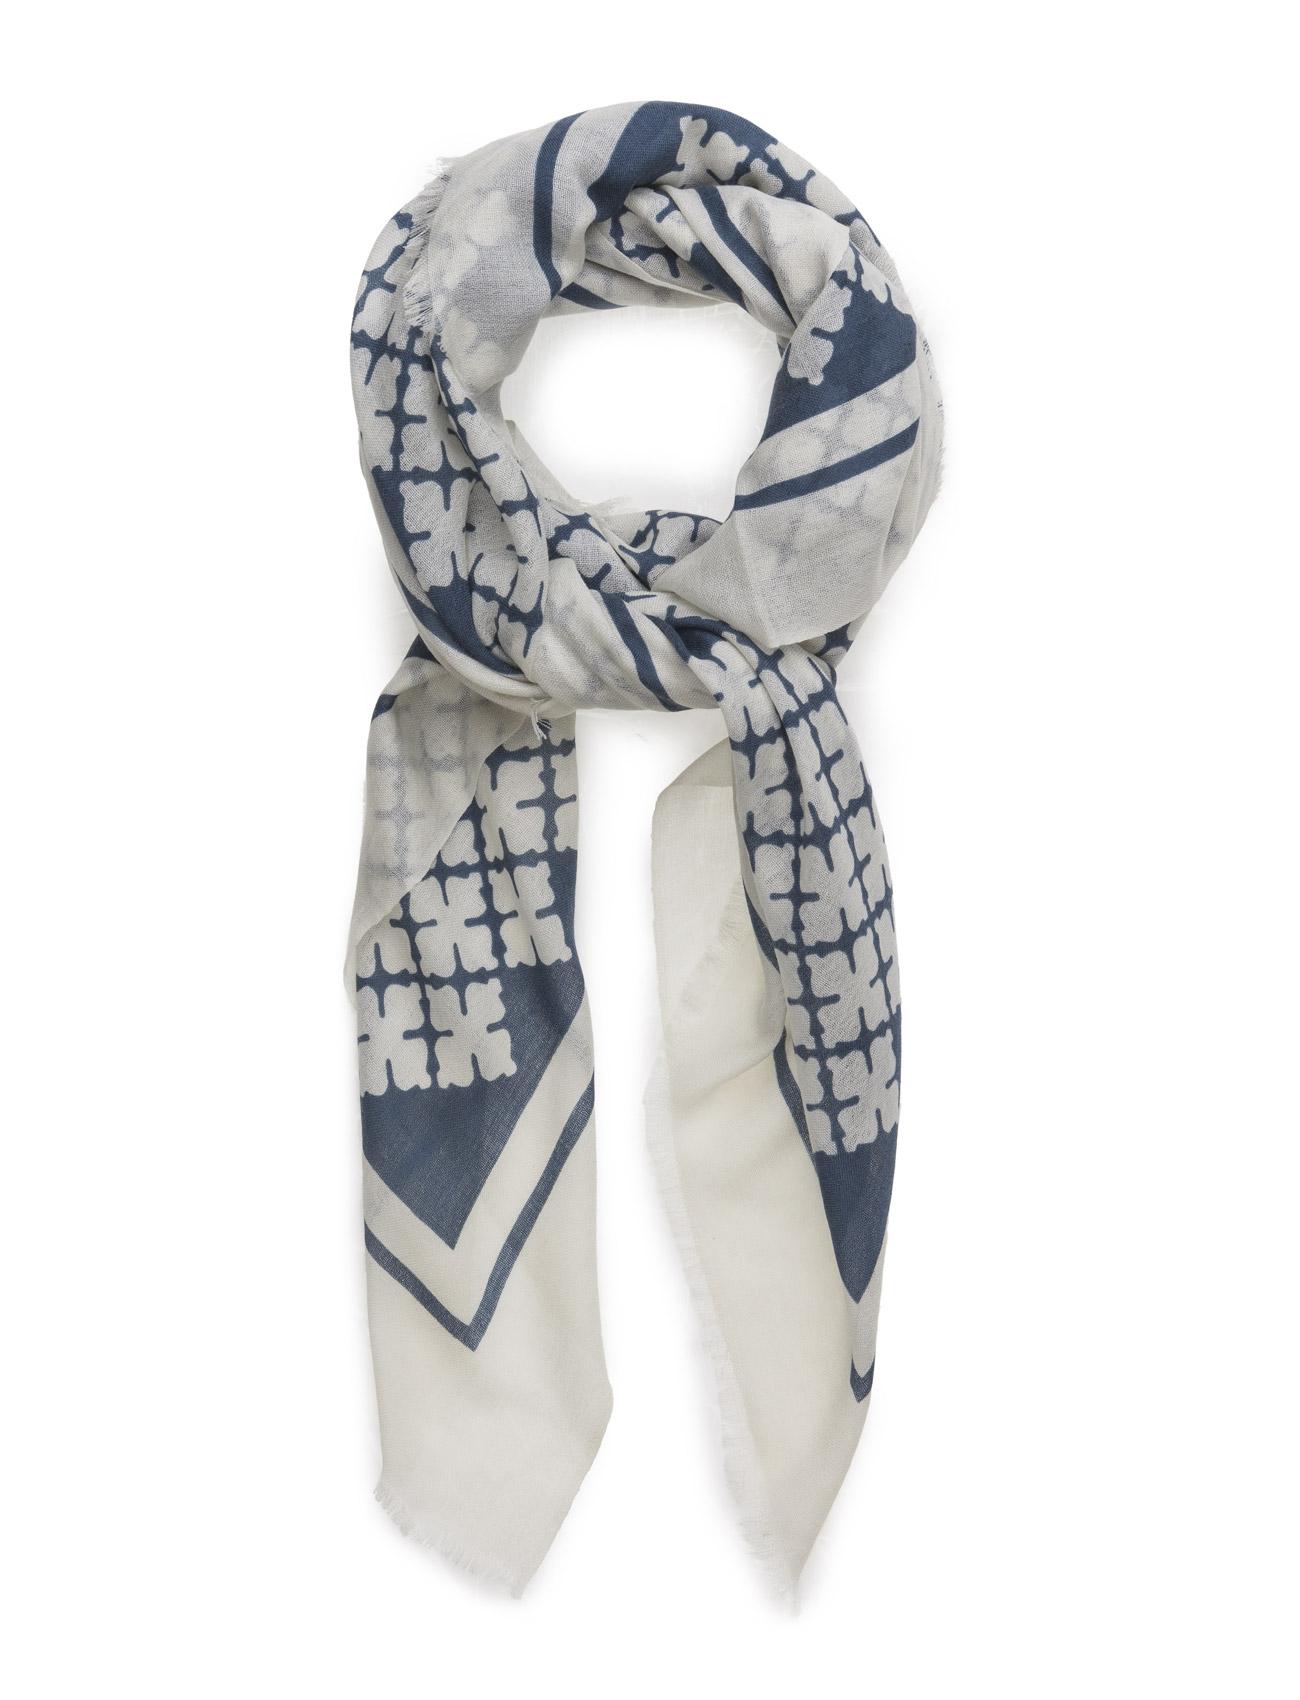 Køb Arabikka By Malene Birger Accessories i til Kvinder online 0dc7c6fa797a6